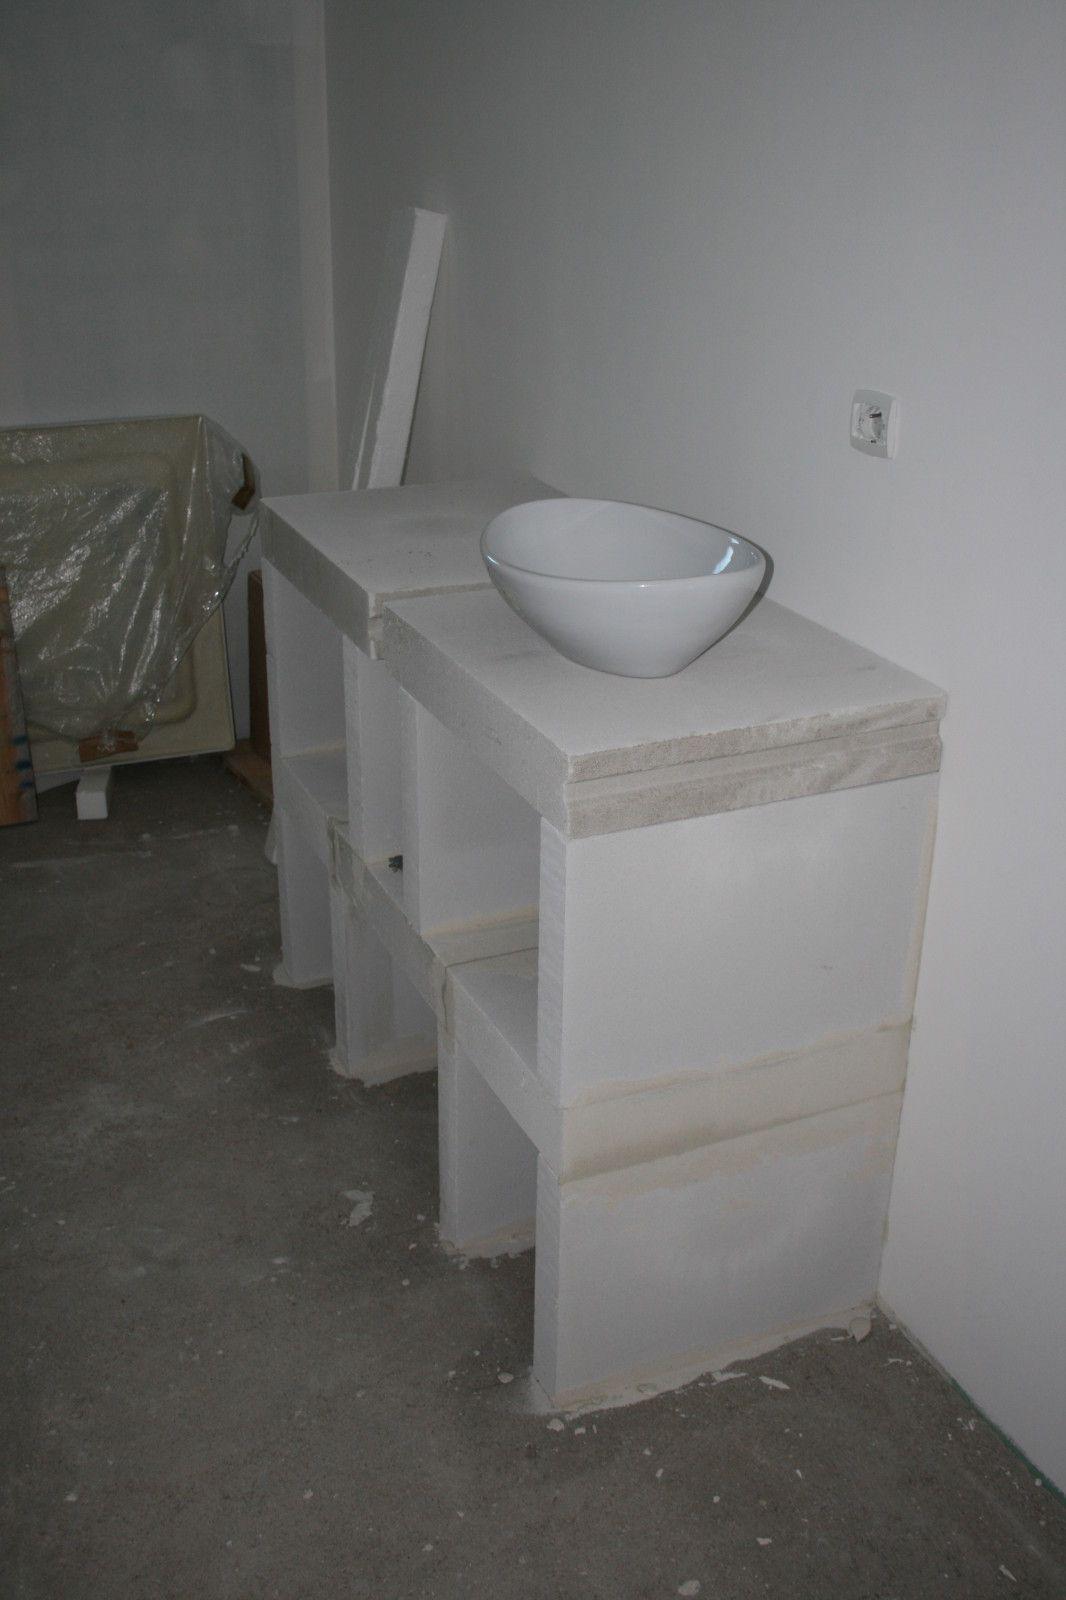 Planificateur salle de bain gratuit logiciel salle de for Conception salle de bain 3d gratuit